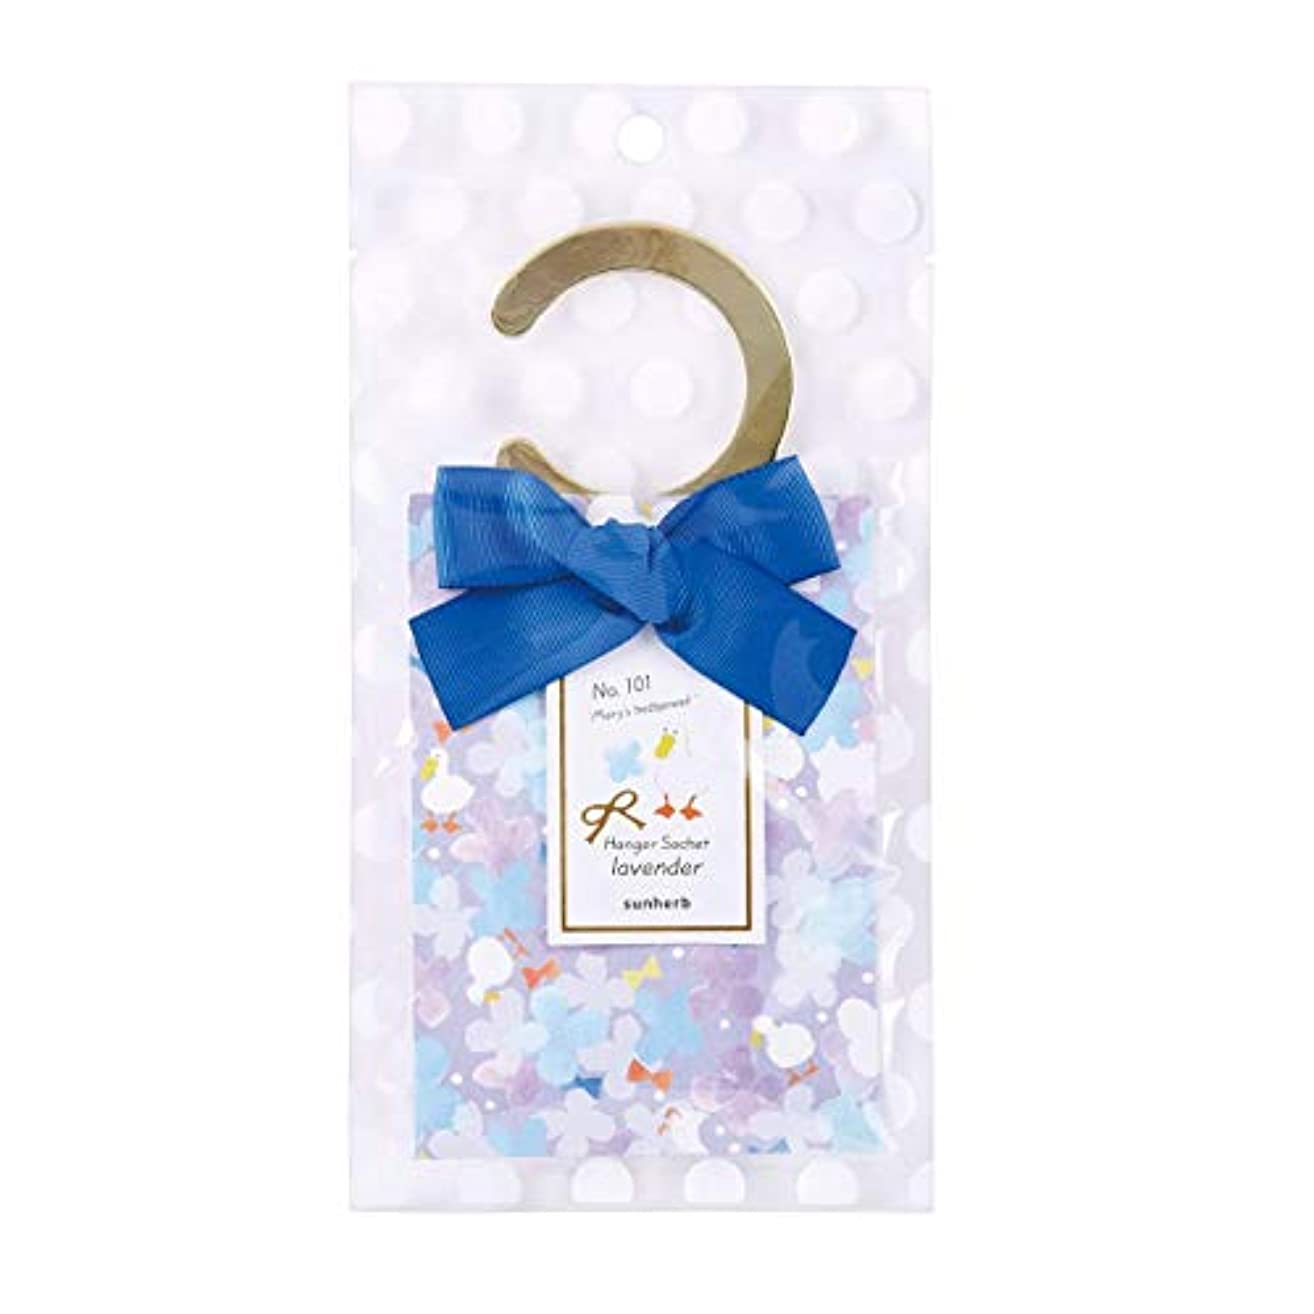 サンハーブ ハンガーサシェ ラベンダーの香り (吊り下げ芳香剤 アヒルが描かれたラベンダー色のデザイン)